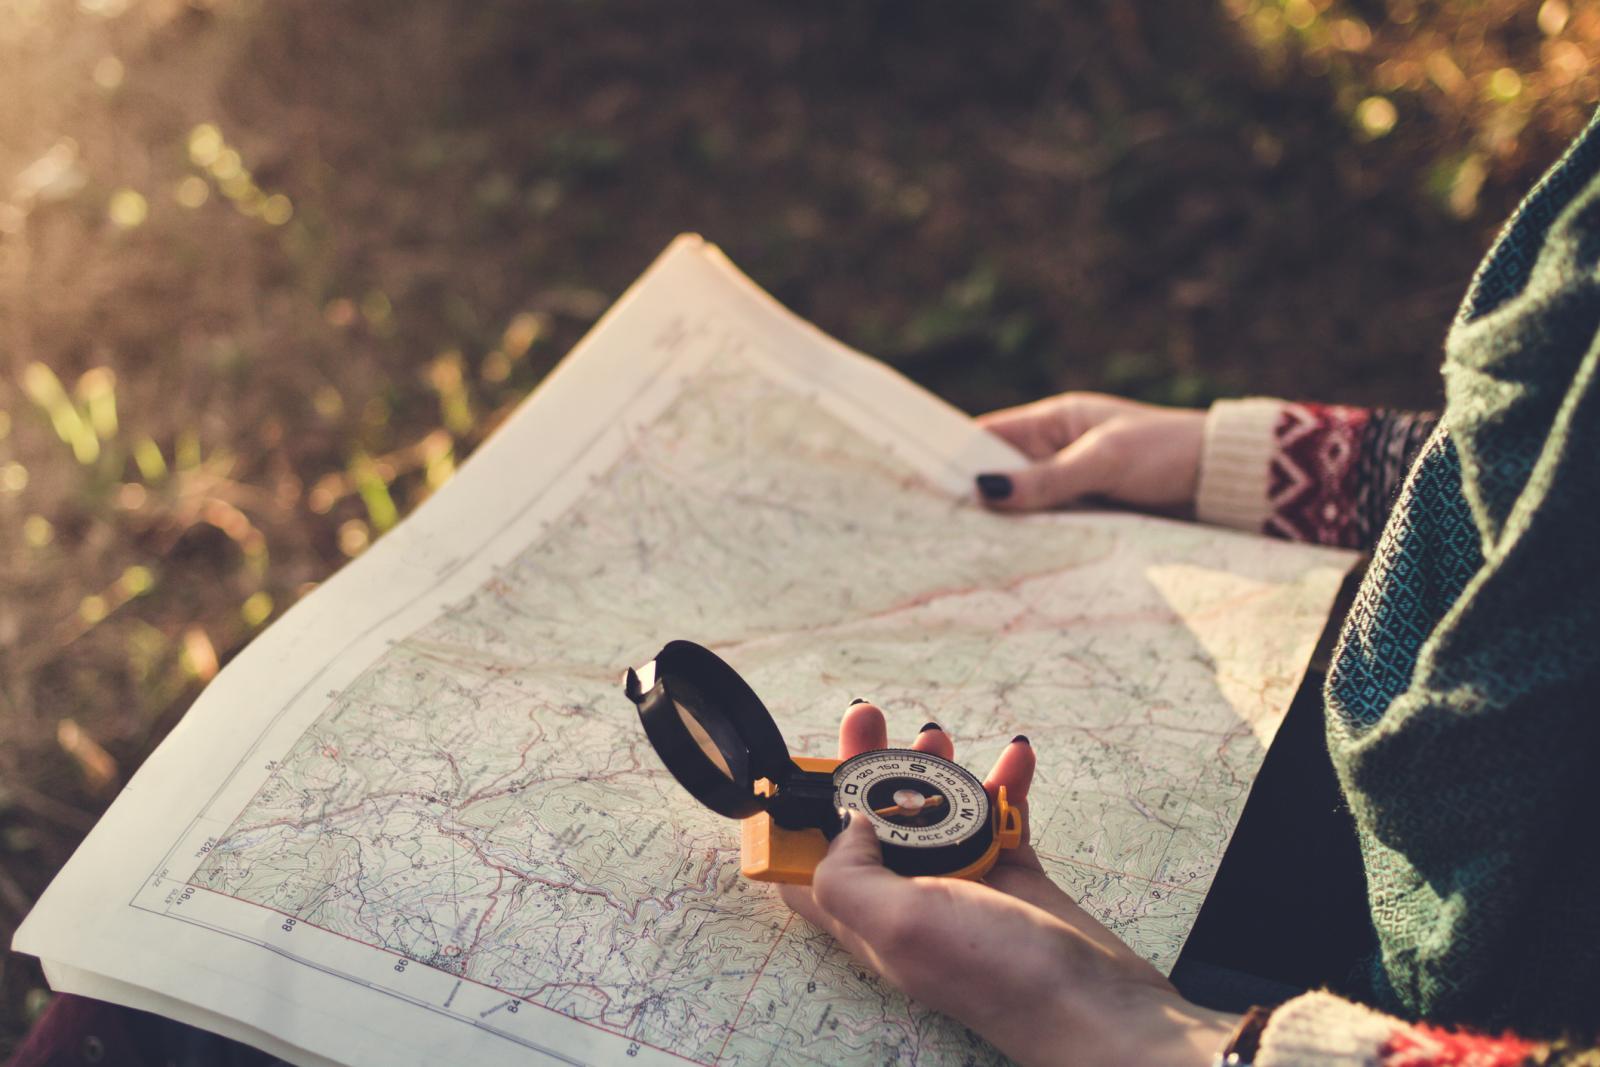 Čini vam se kao da ste izgubili kompas? Mislite da ni jedan put ne vodi u dobrom smjeru?